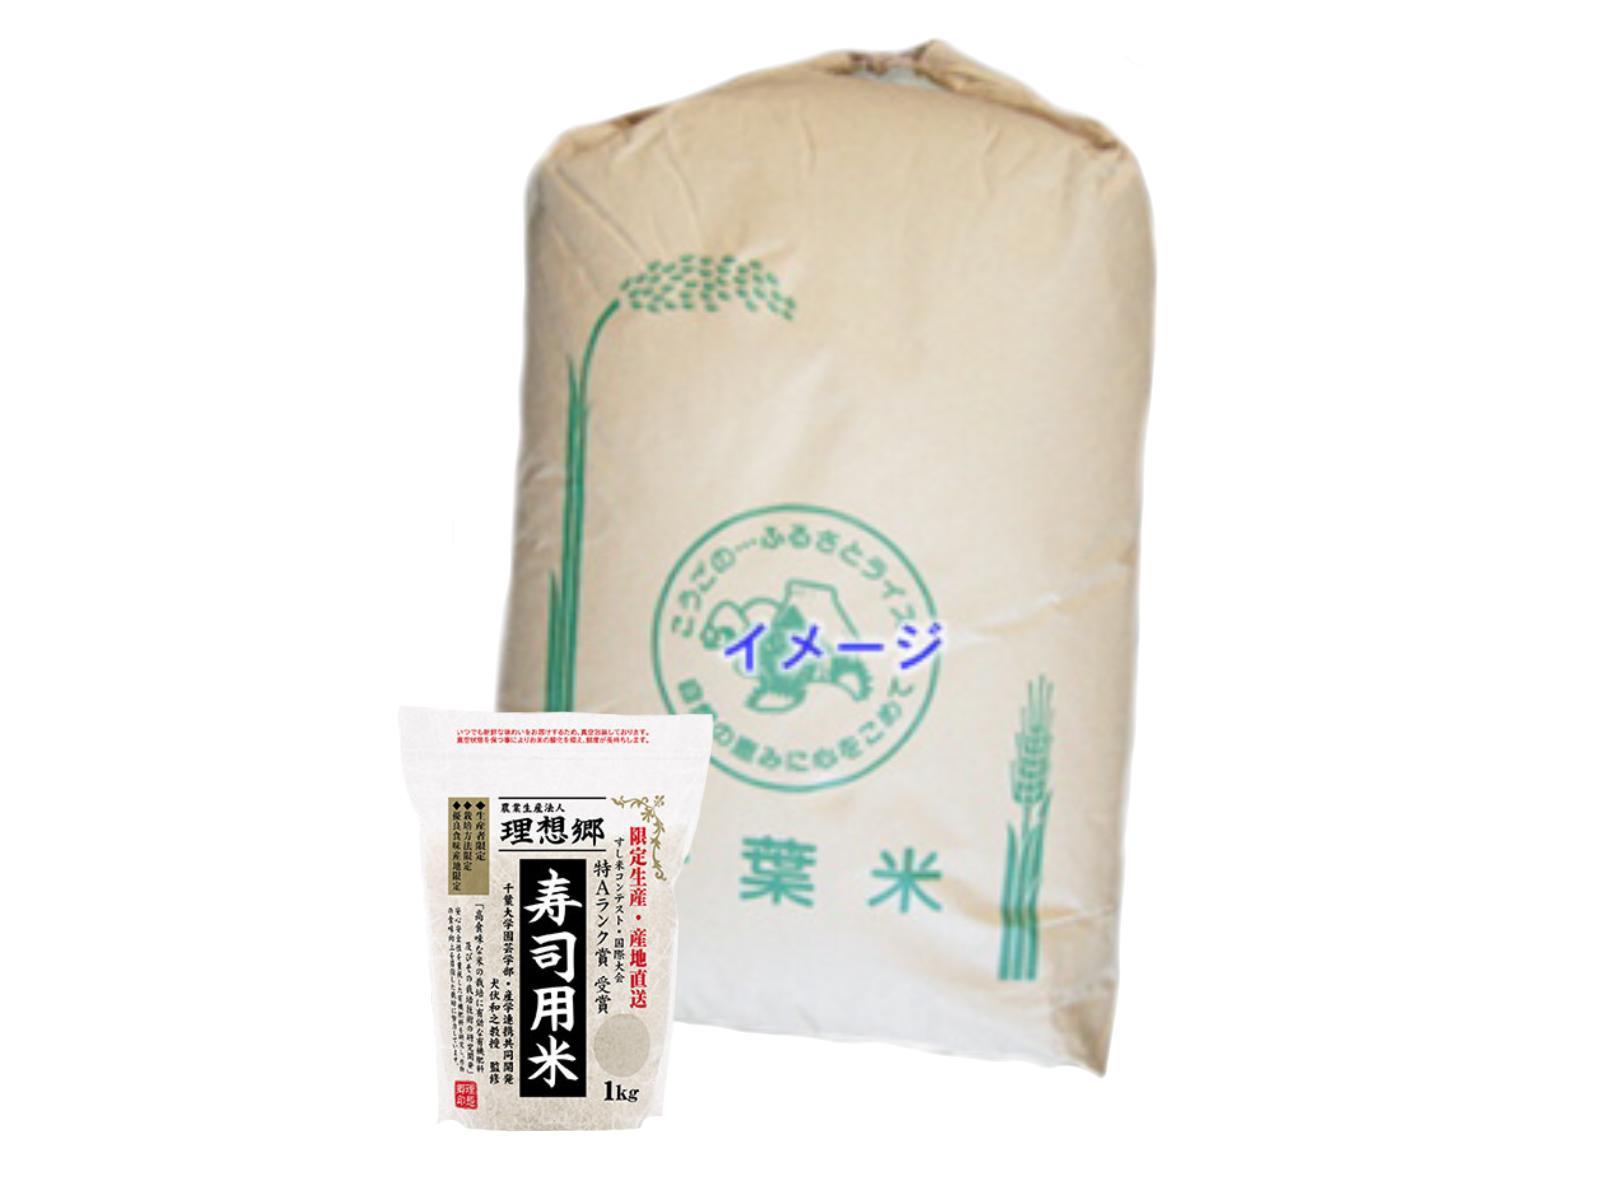 職人絶賛!理想郷寿司米30kg(業務用袋 10kg×3)※外袋はイメージです。